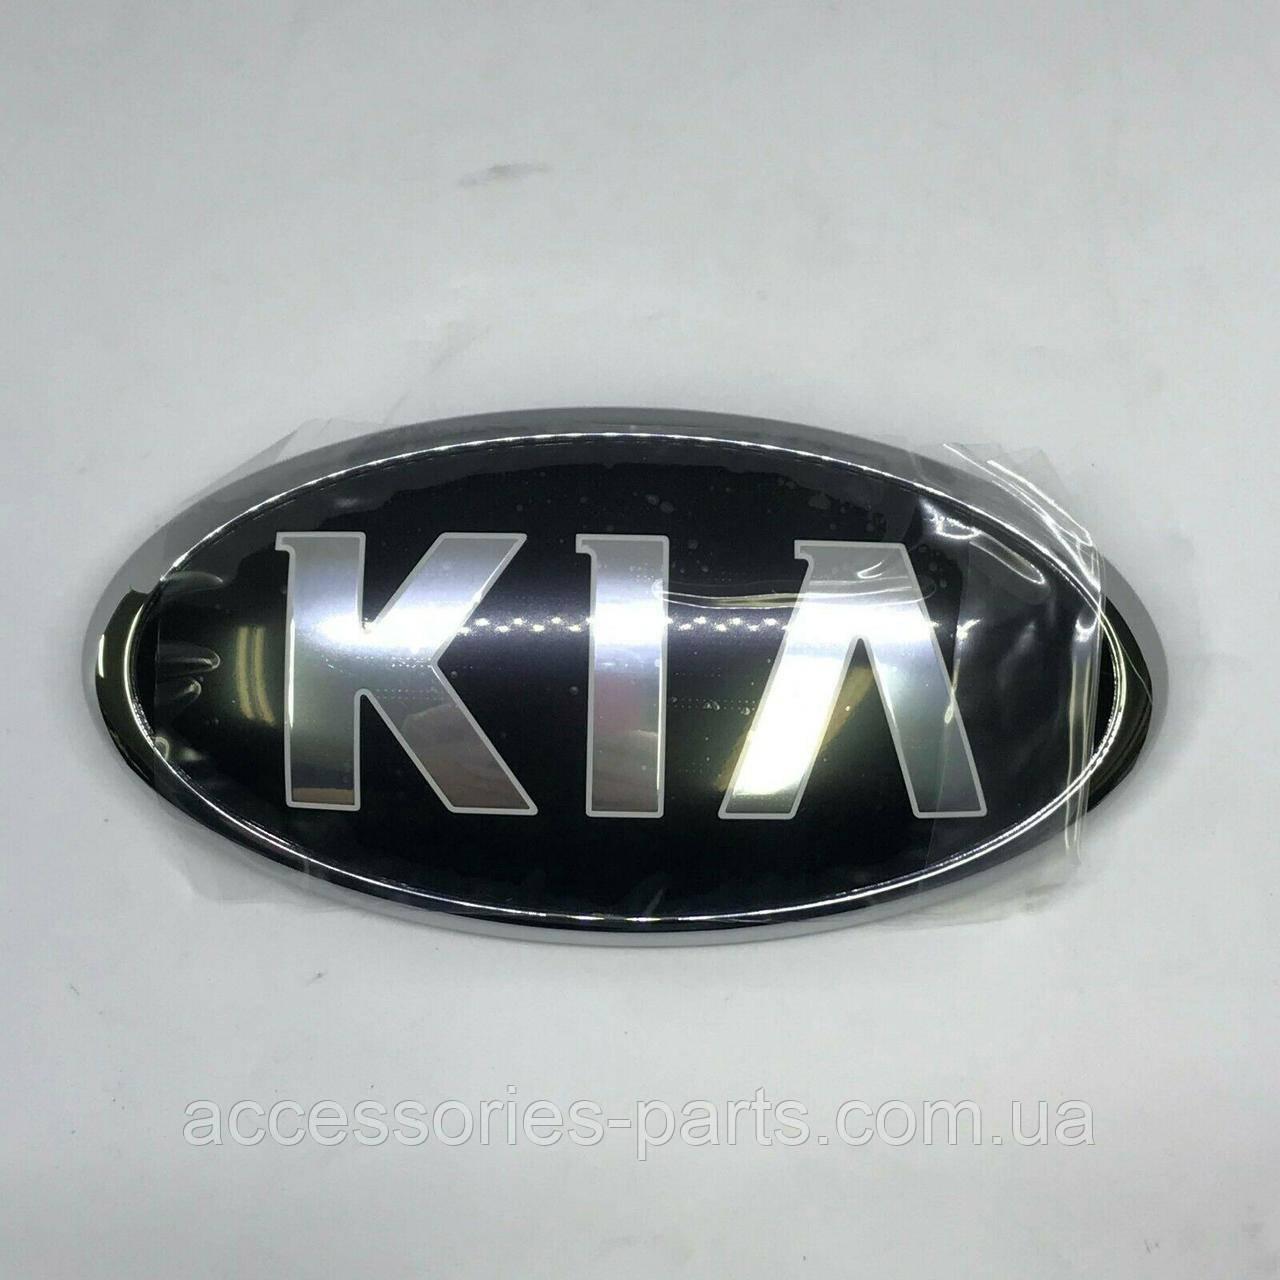 Эмблема решетка радиатора Kia Sportage 17-2018  Новая Оригинальная